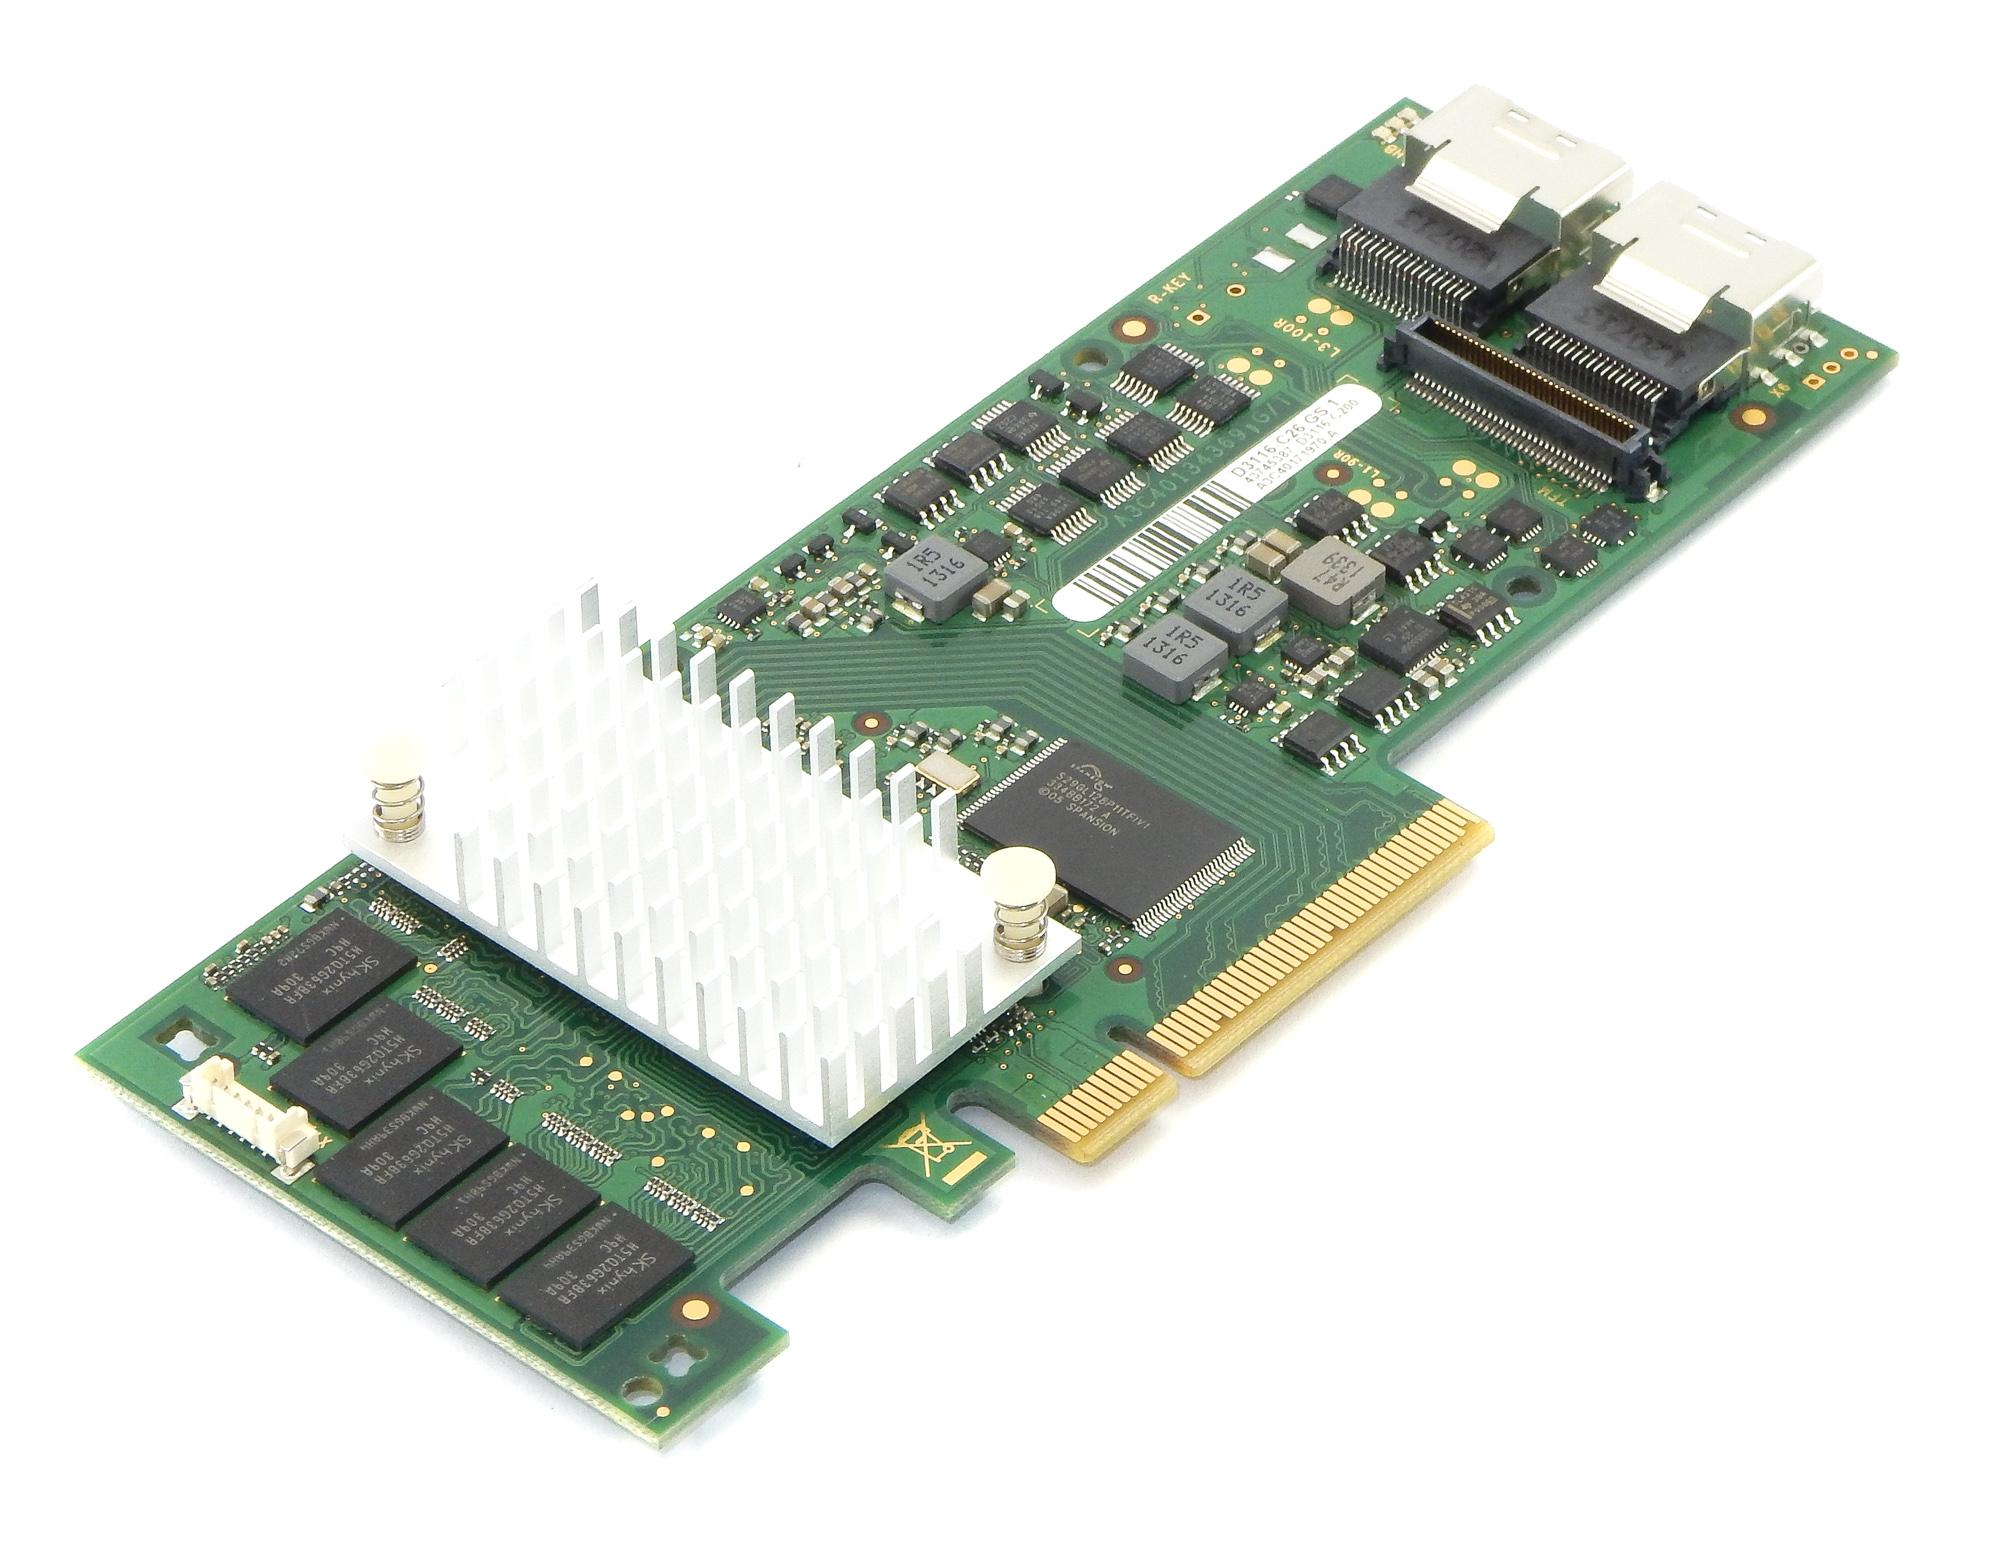 Fujitsu D3116-C26 GS 1 RAID Controller SAS 6Gbit/s 1GB PCIe